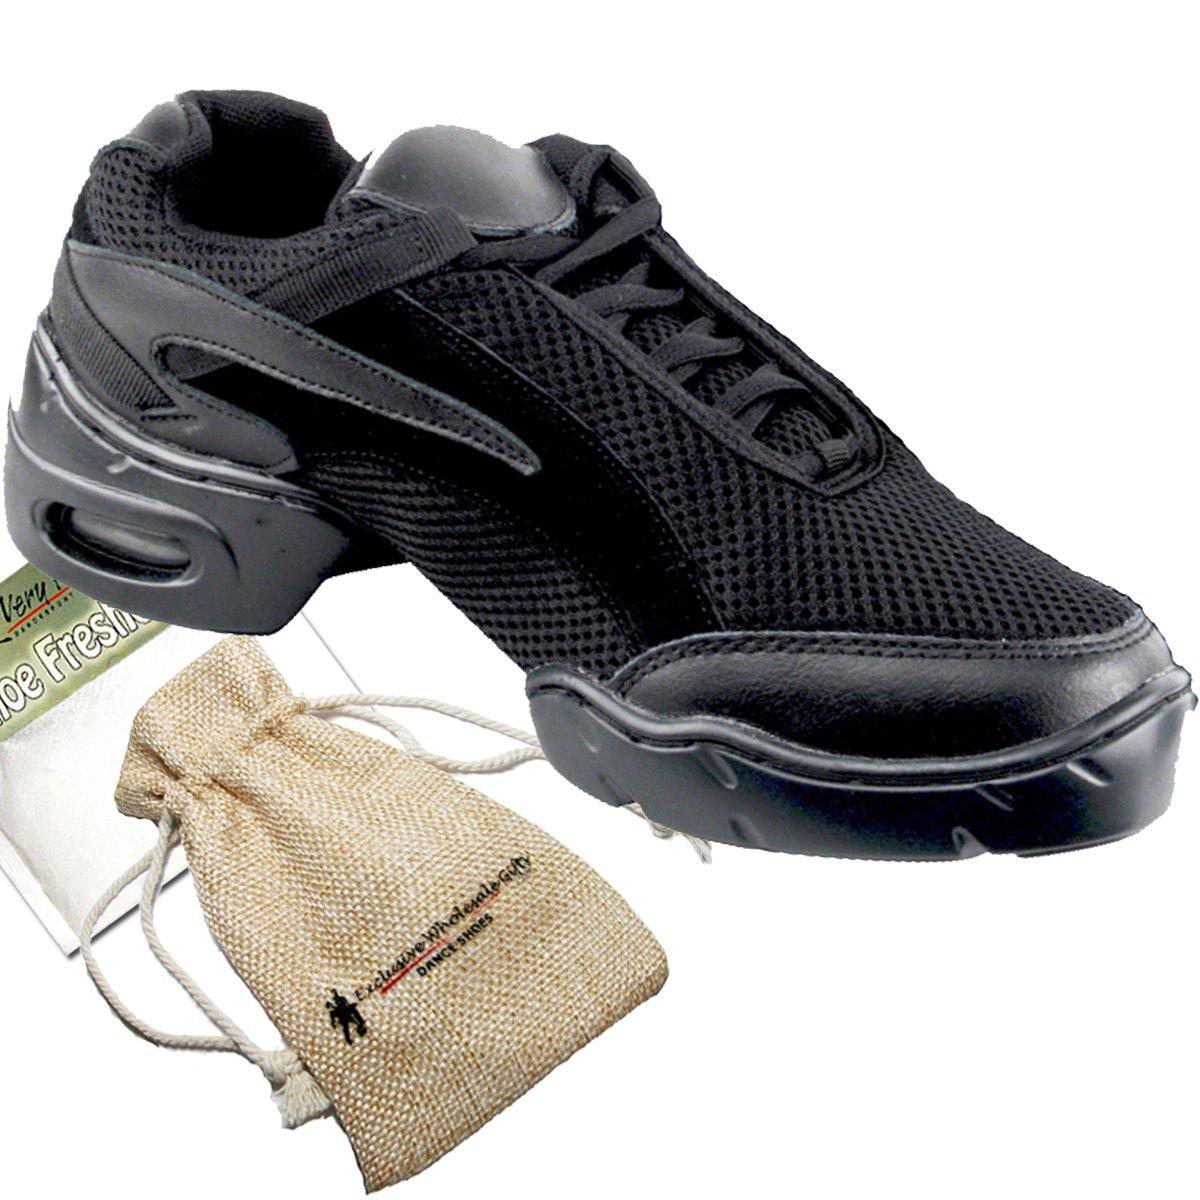 Bundle- 4 items - Very Fine Mens Womens Unisex Practice Dance Sneaker Split Sole VFSN008 Pouch Bag Sachet, Black 13 M US by Very Fine Dance Shoes (Image #1)